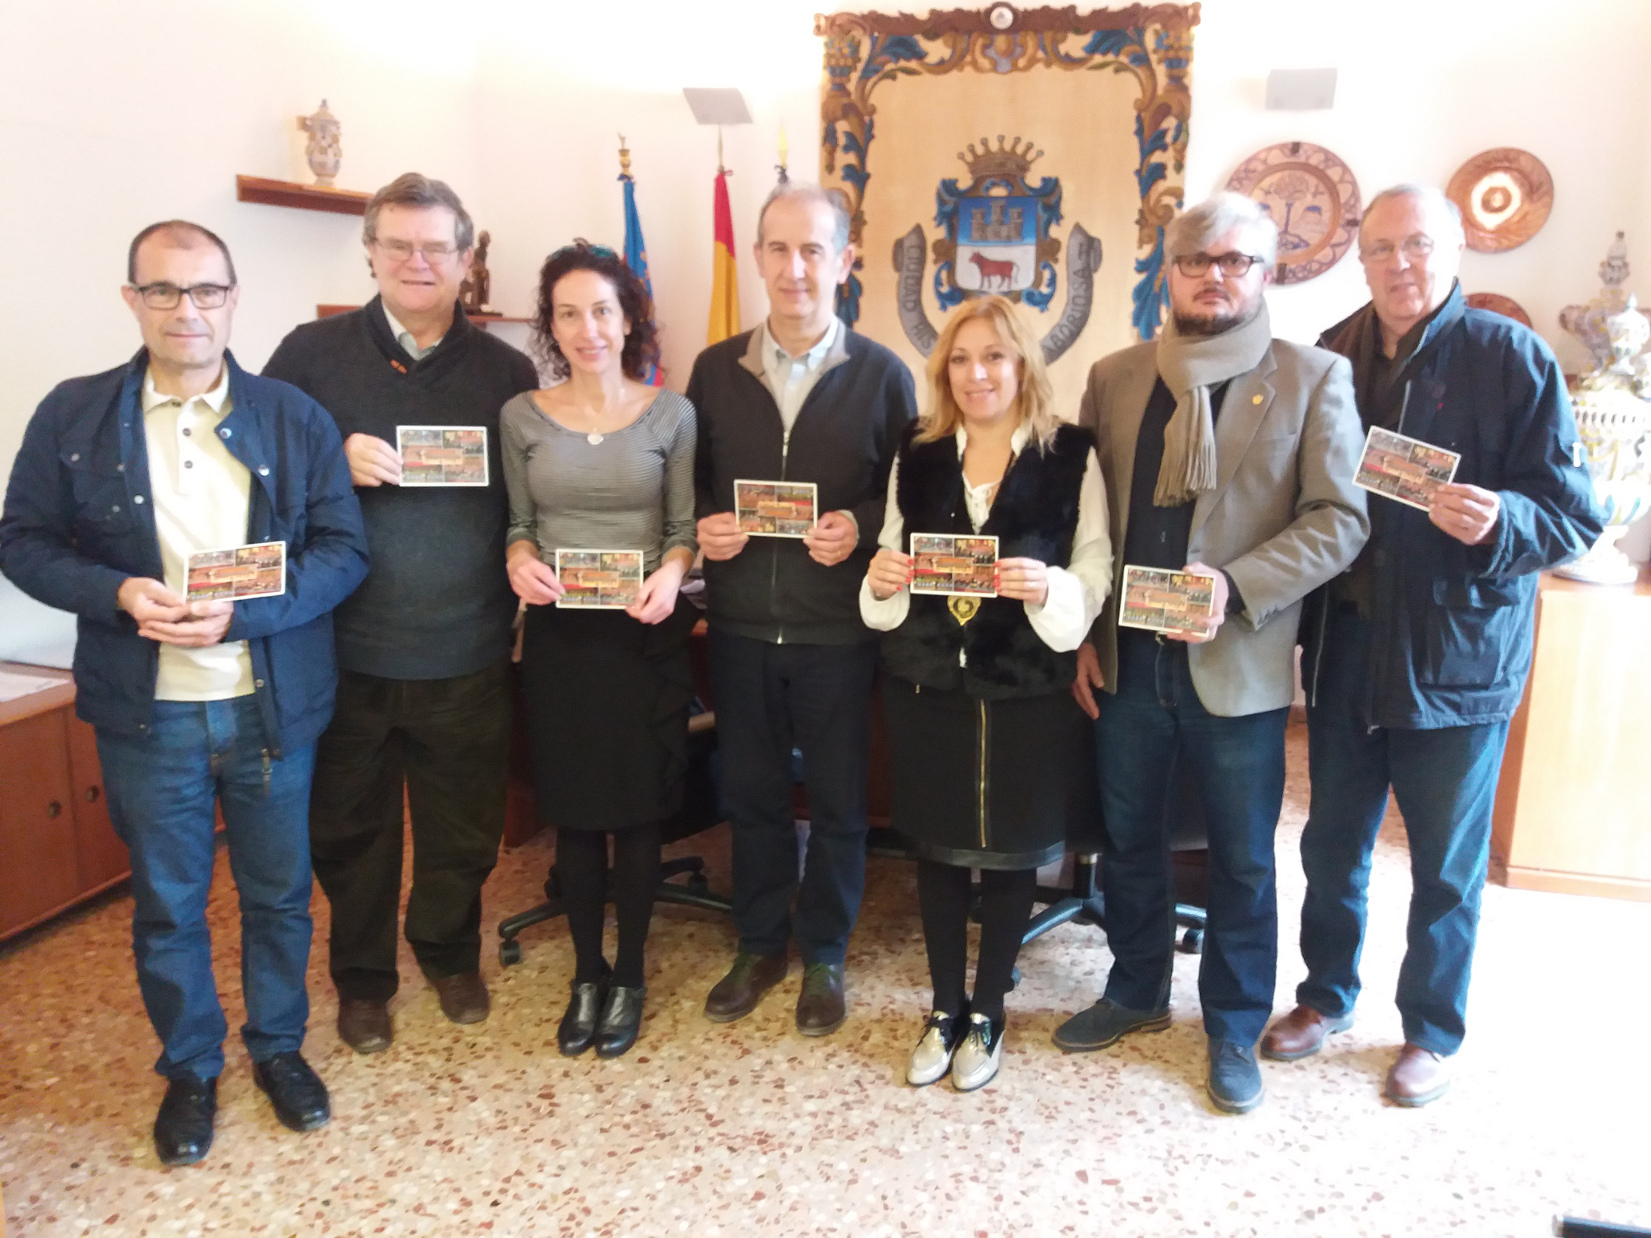 La Societat Musical L'Artística Manisense presenta la seua targeta postal